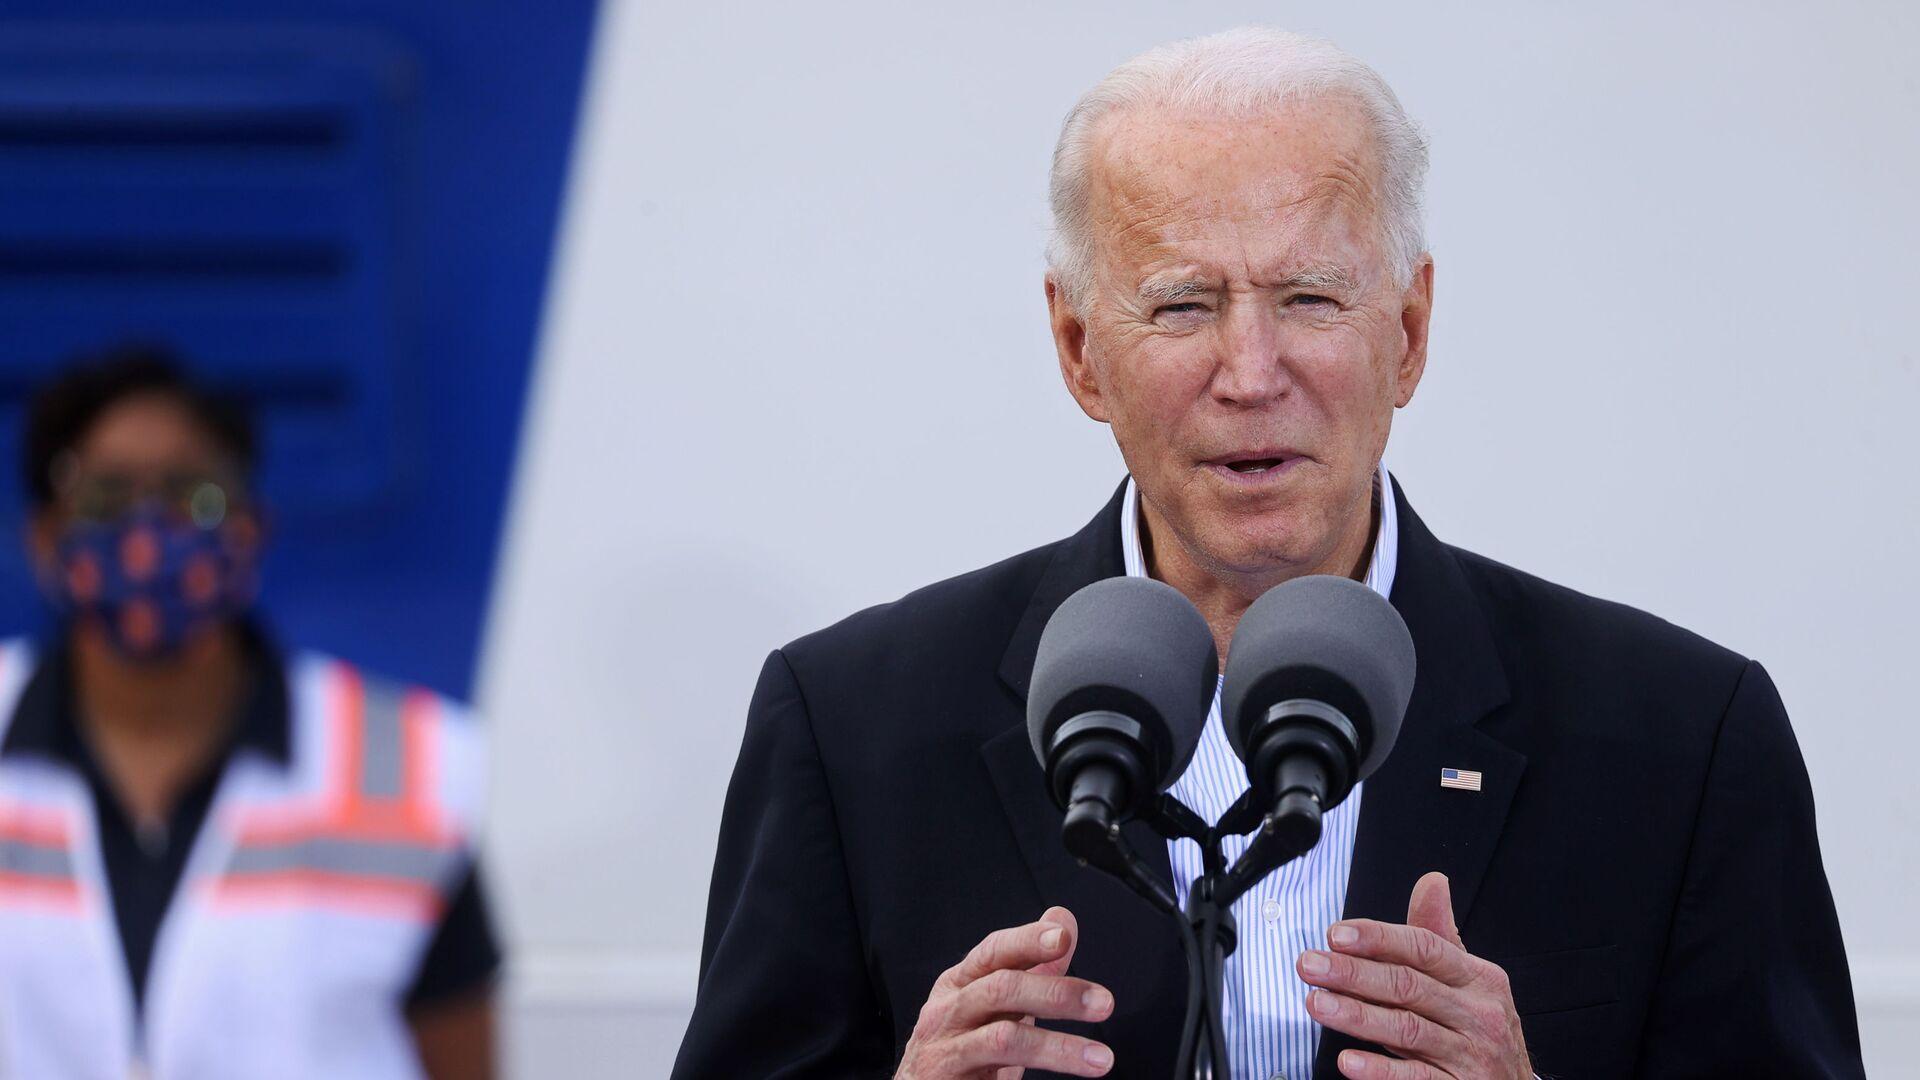 Americký prezident Joe Biden. - Sputnik Česká republika, 1920, 13.03.2021